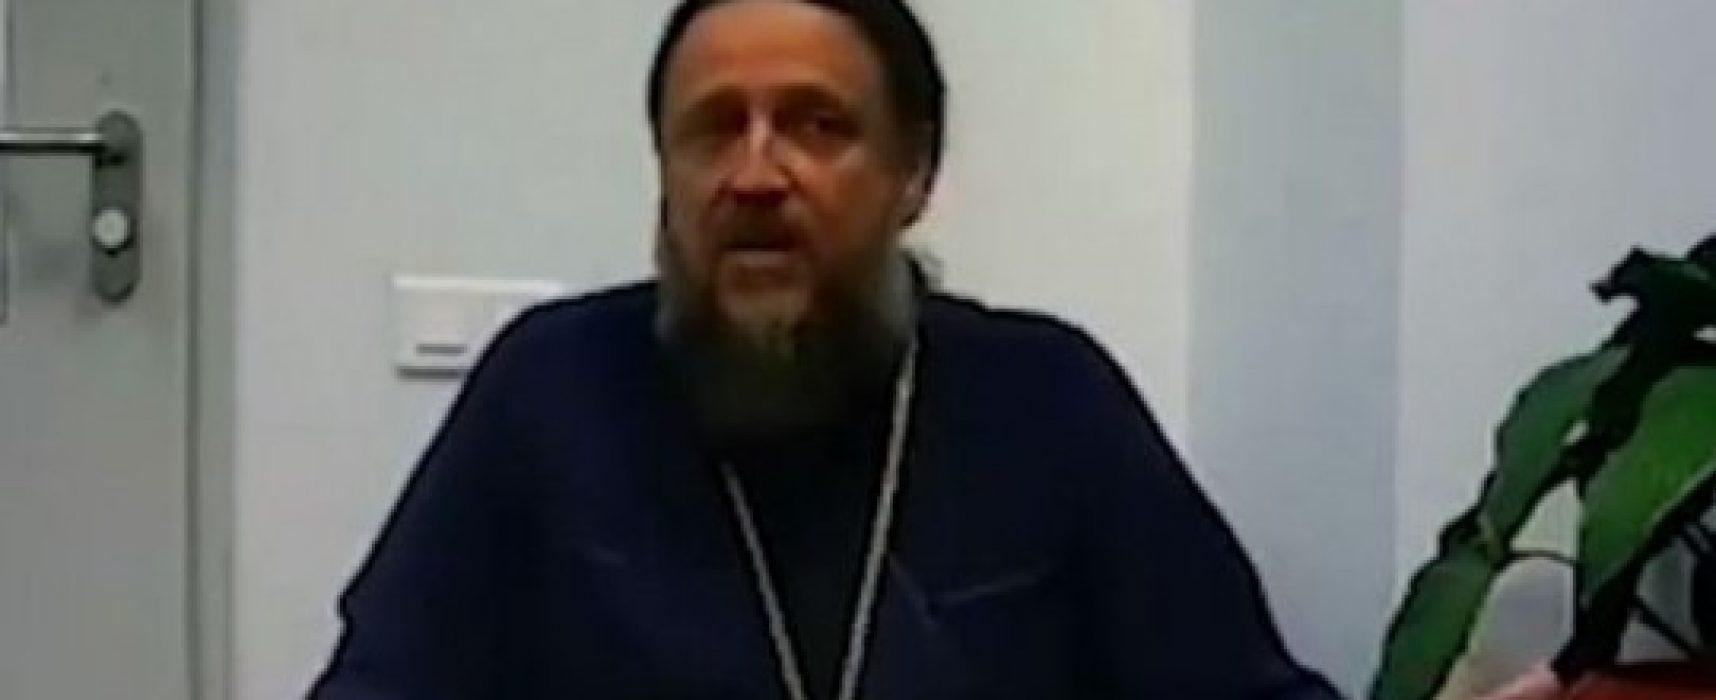 Фейк российских СМИ: из Украины депортировали епископа УПЦ МП, украинского гражданина